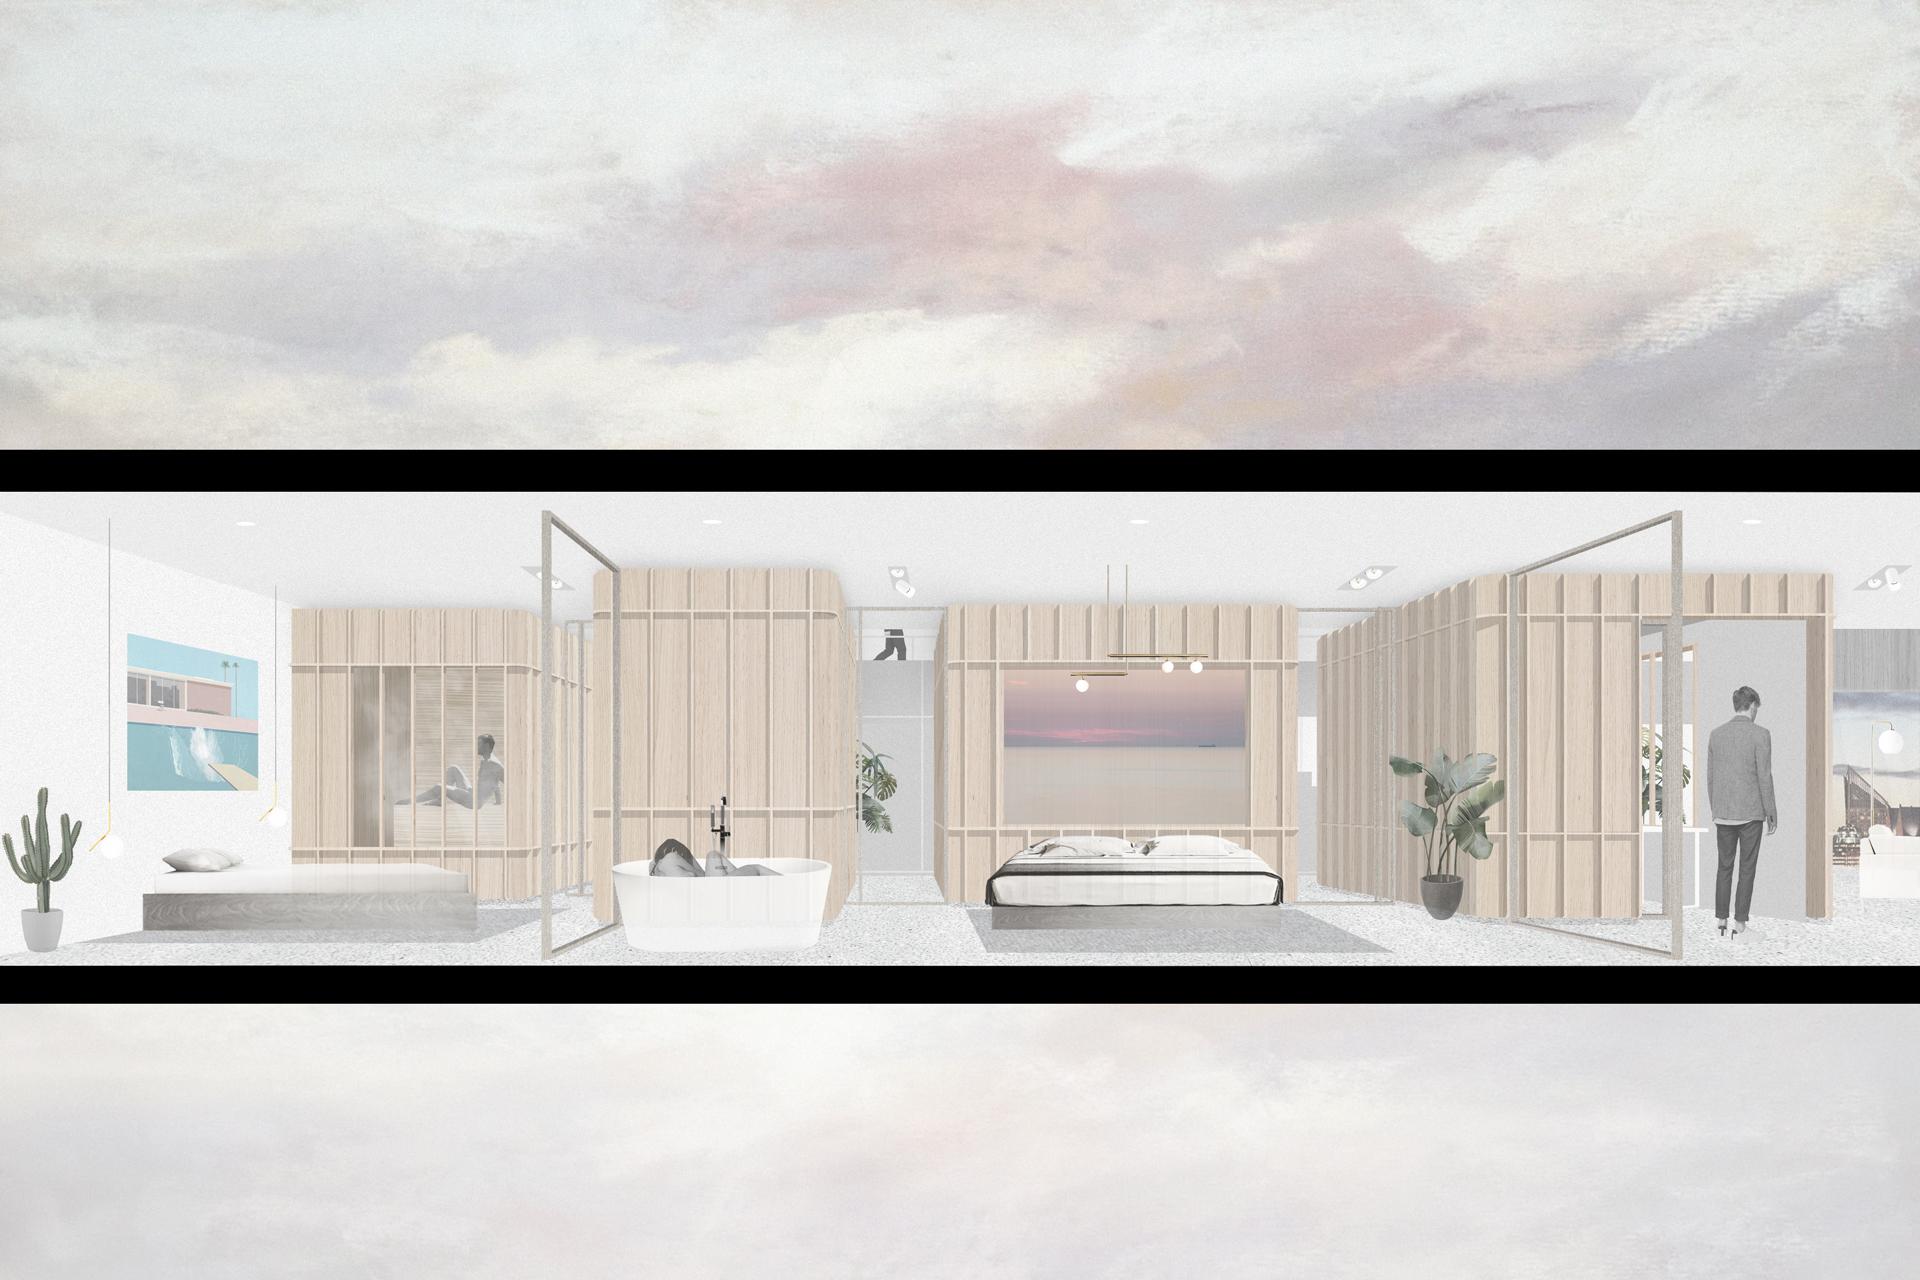 Bureau-Fraai_Penthouse-Oostduin_02